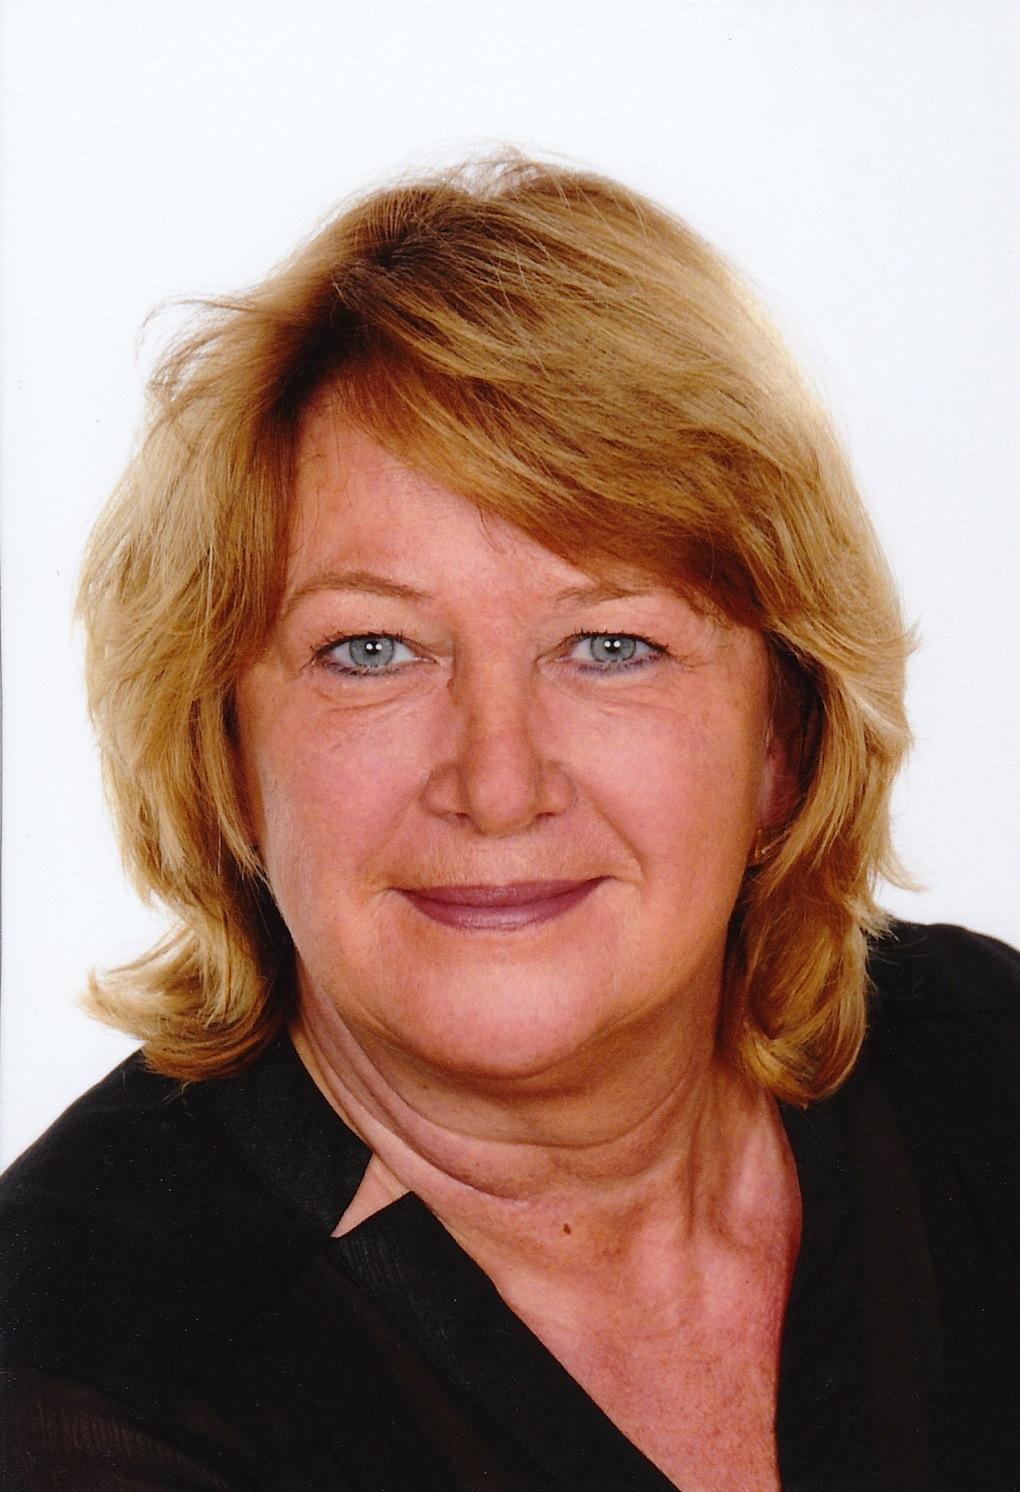 Michaela Rehmer